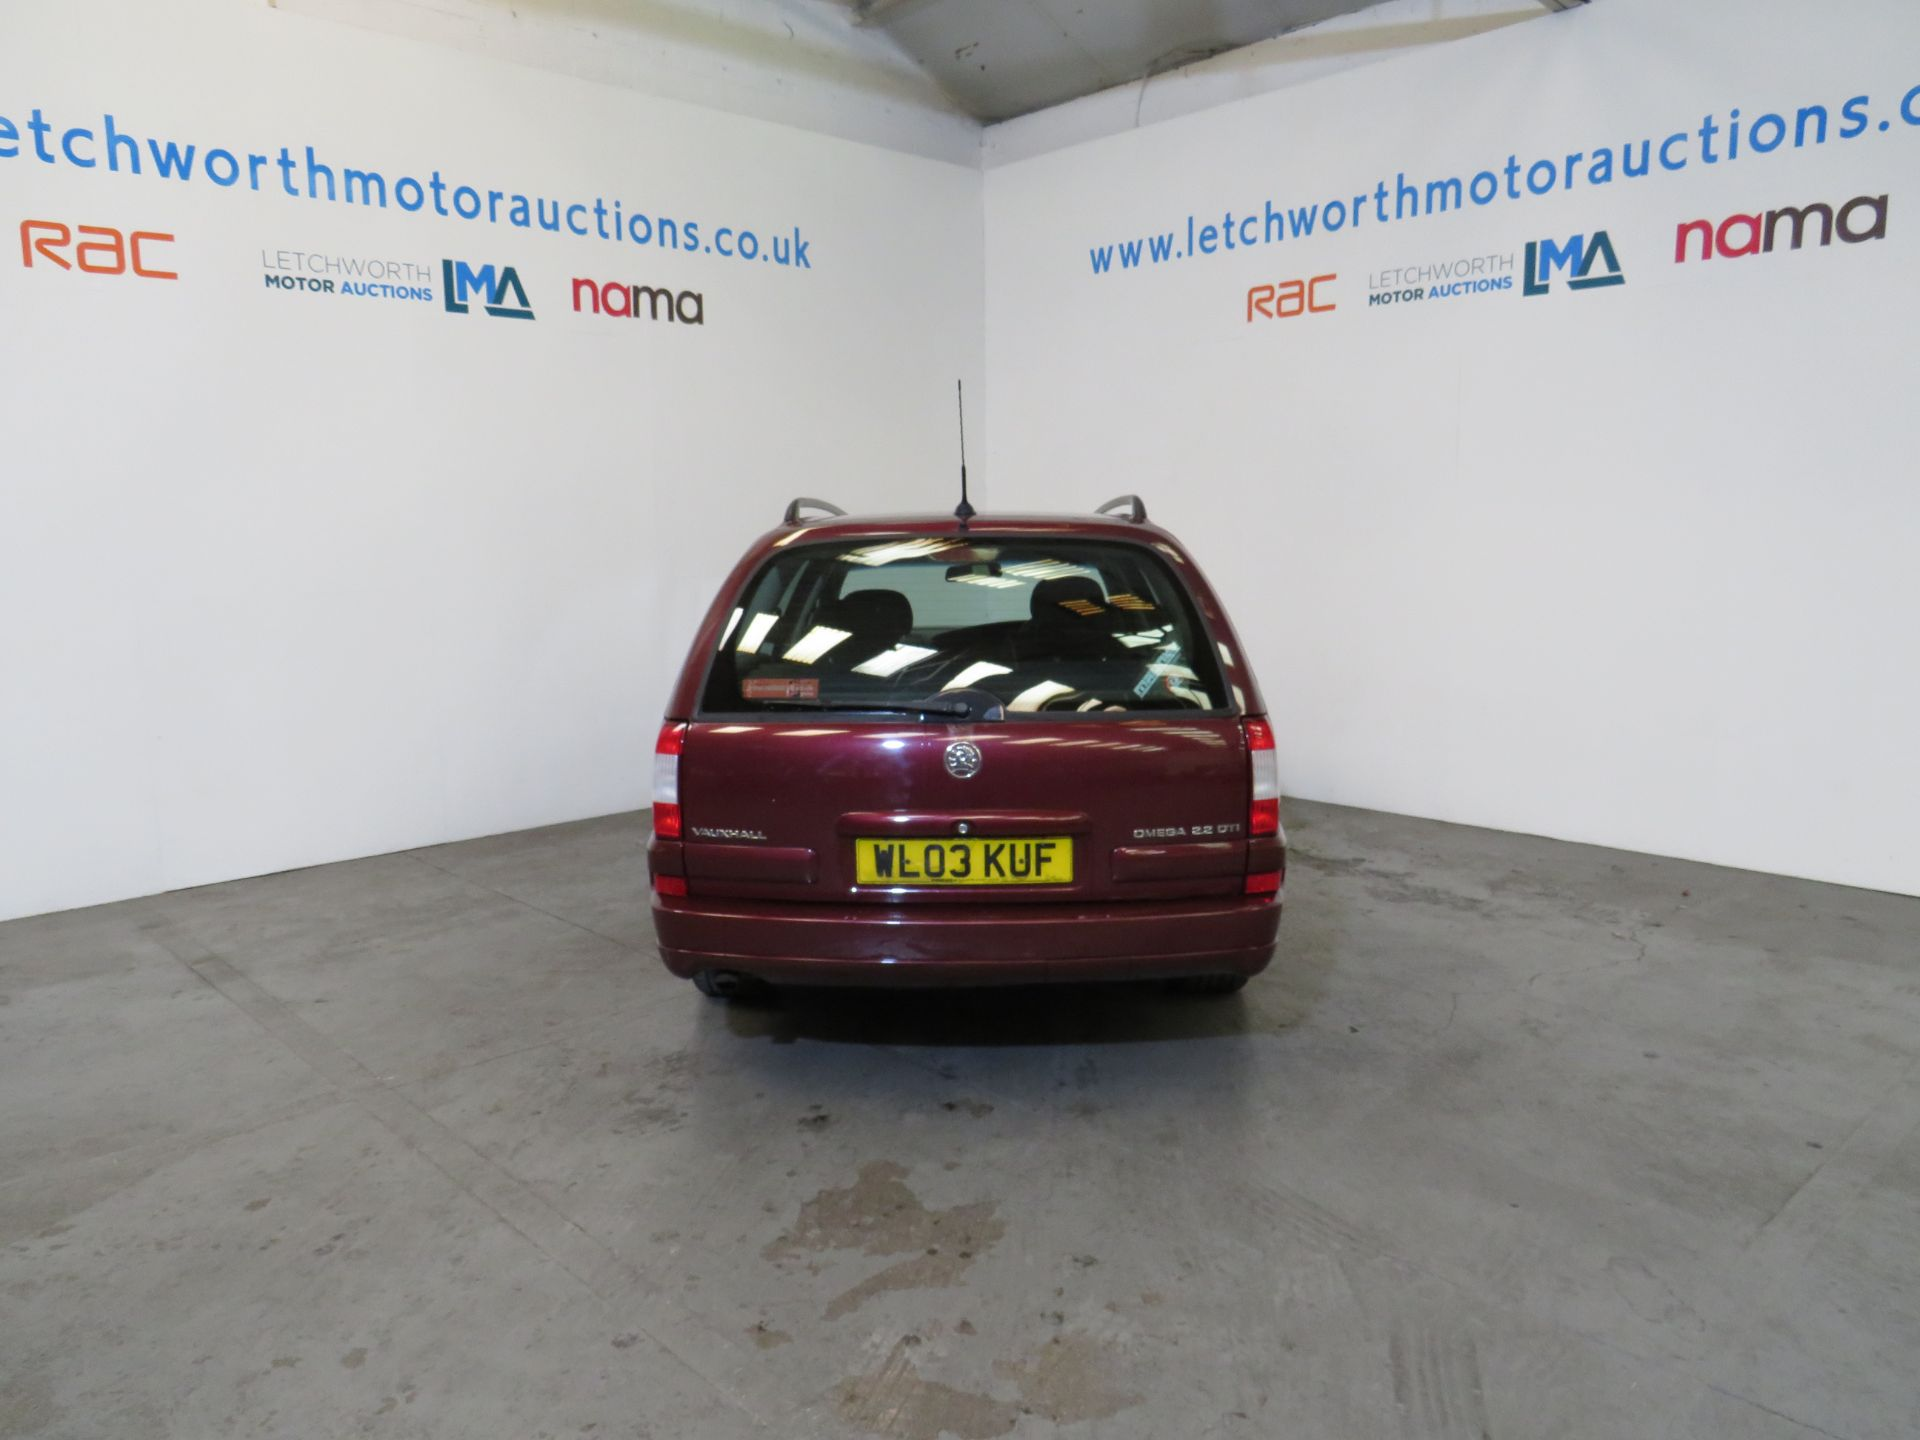 Lot 16 - 2003 Vauxhall Omega GLS DTI - 2172cc